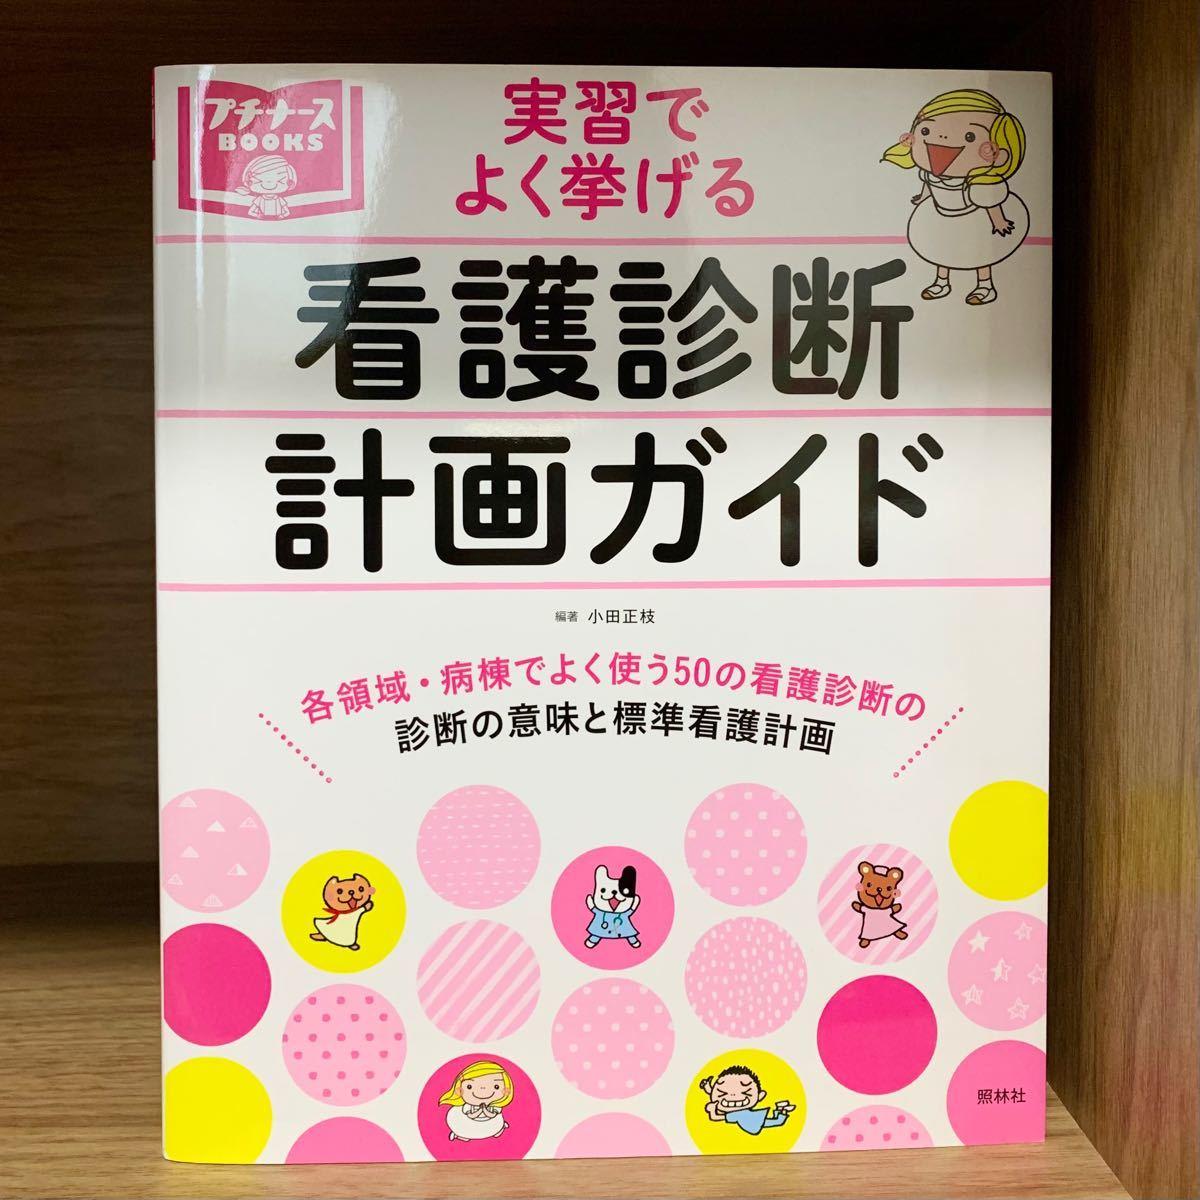 【プチナース】看護診断計画ガイド